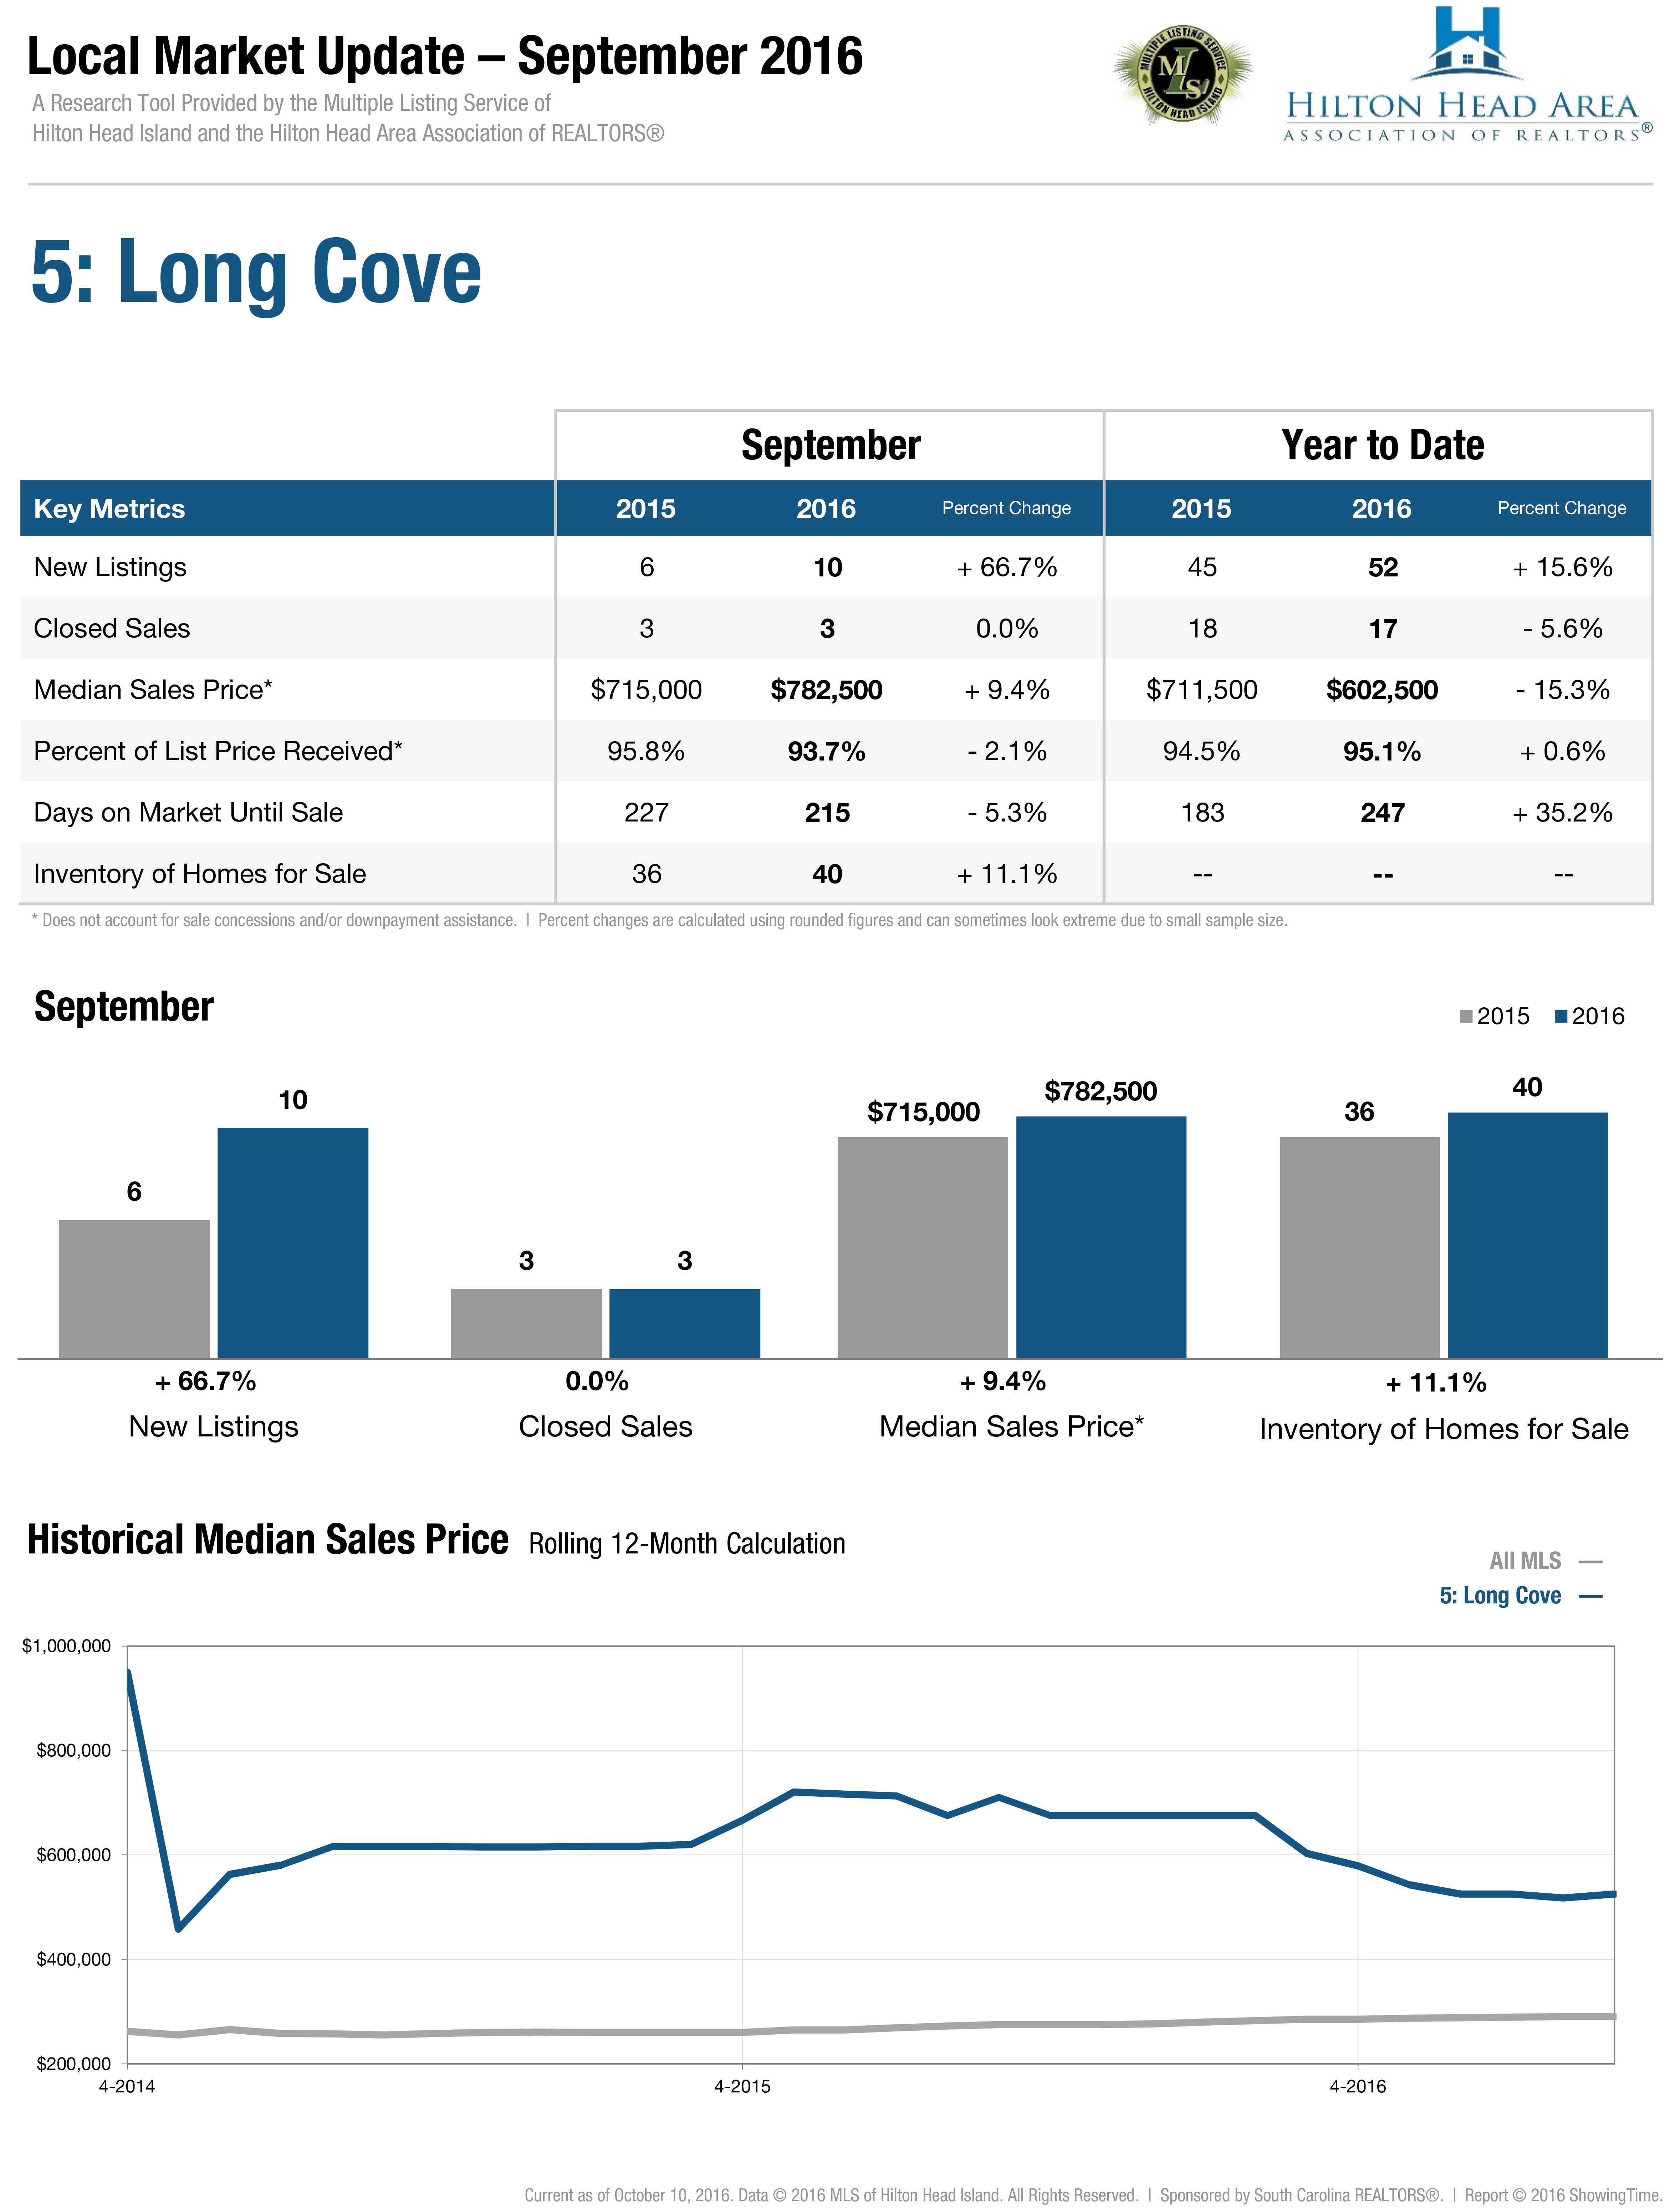 Local Market Updates (LMU)